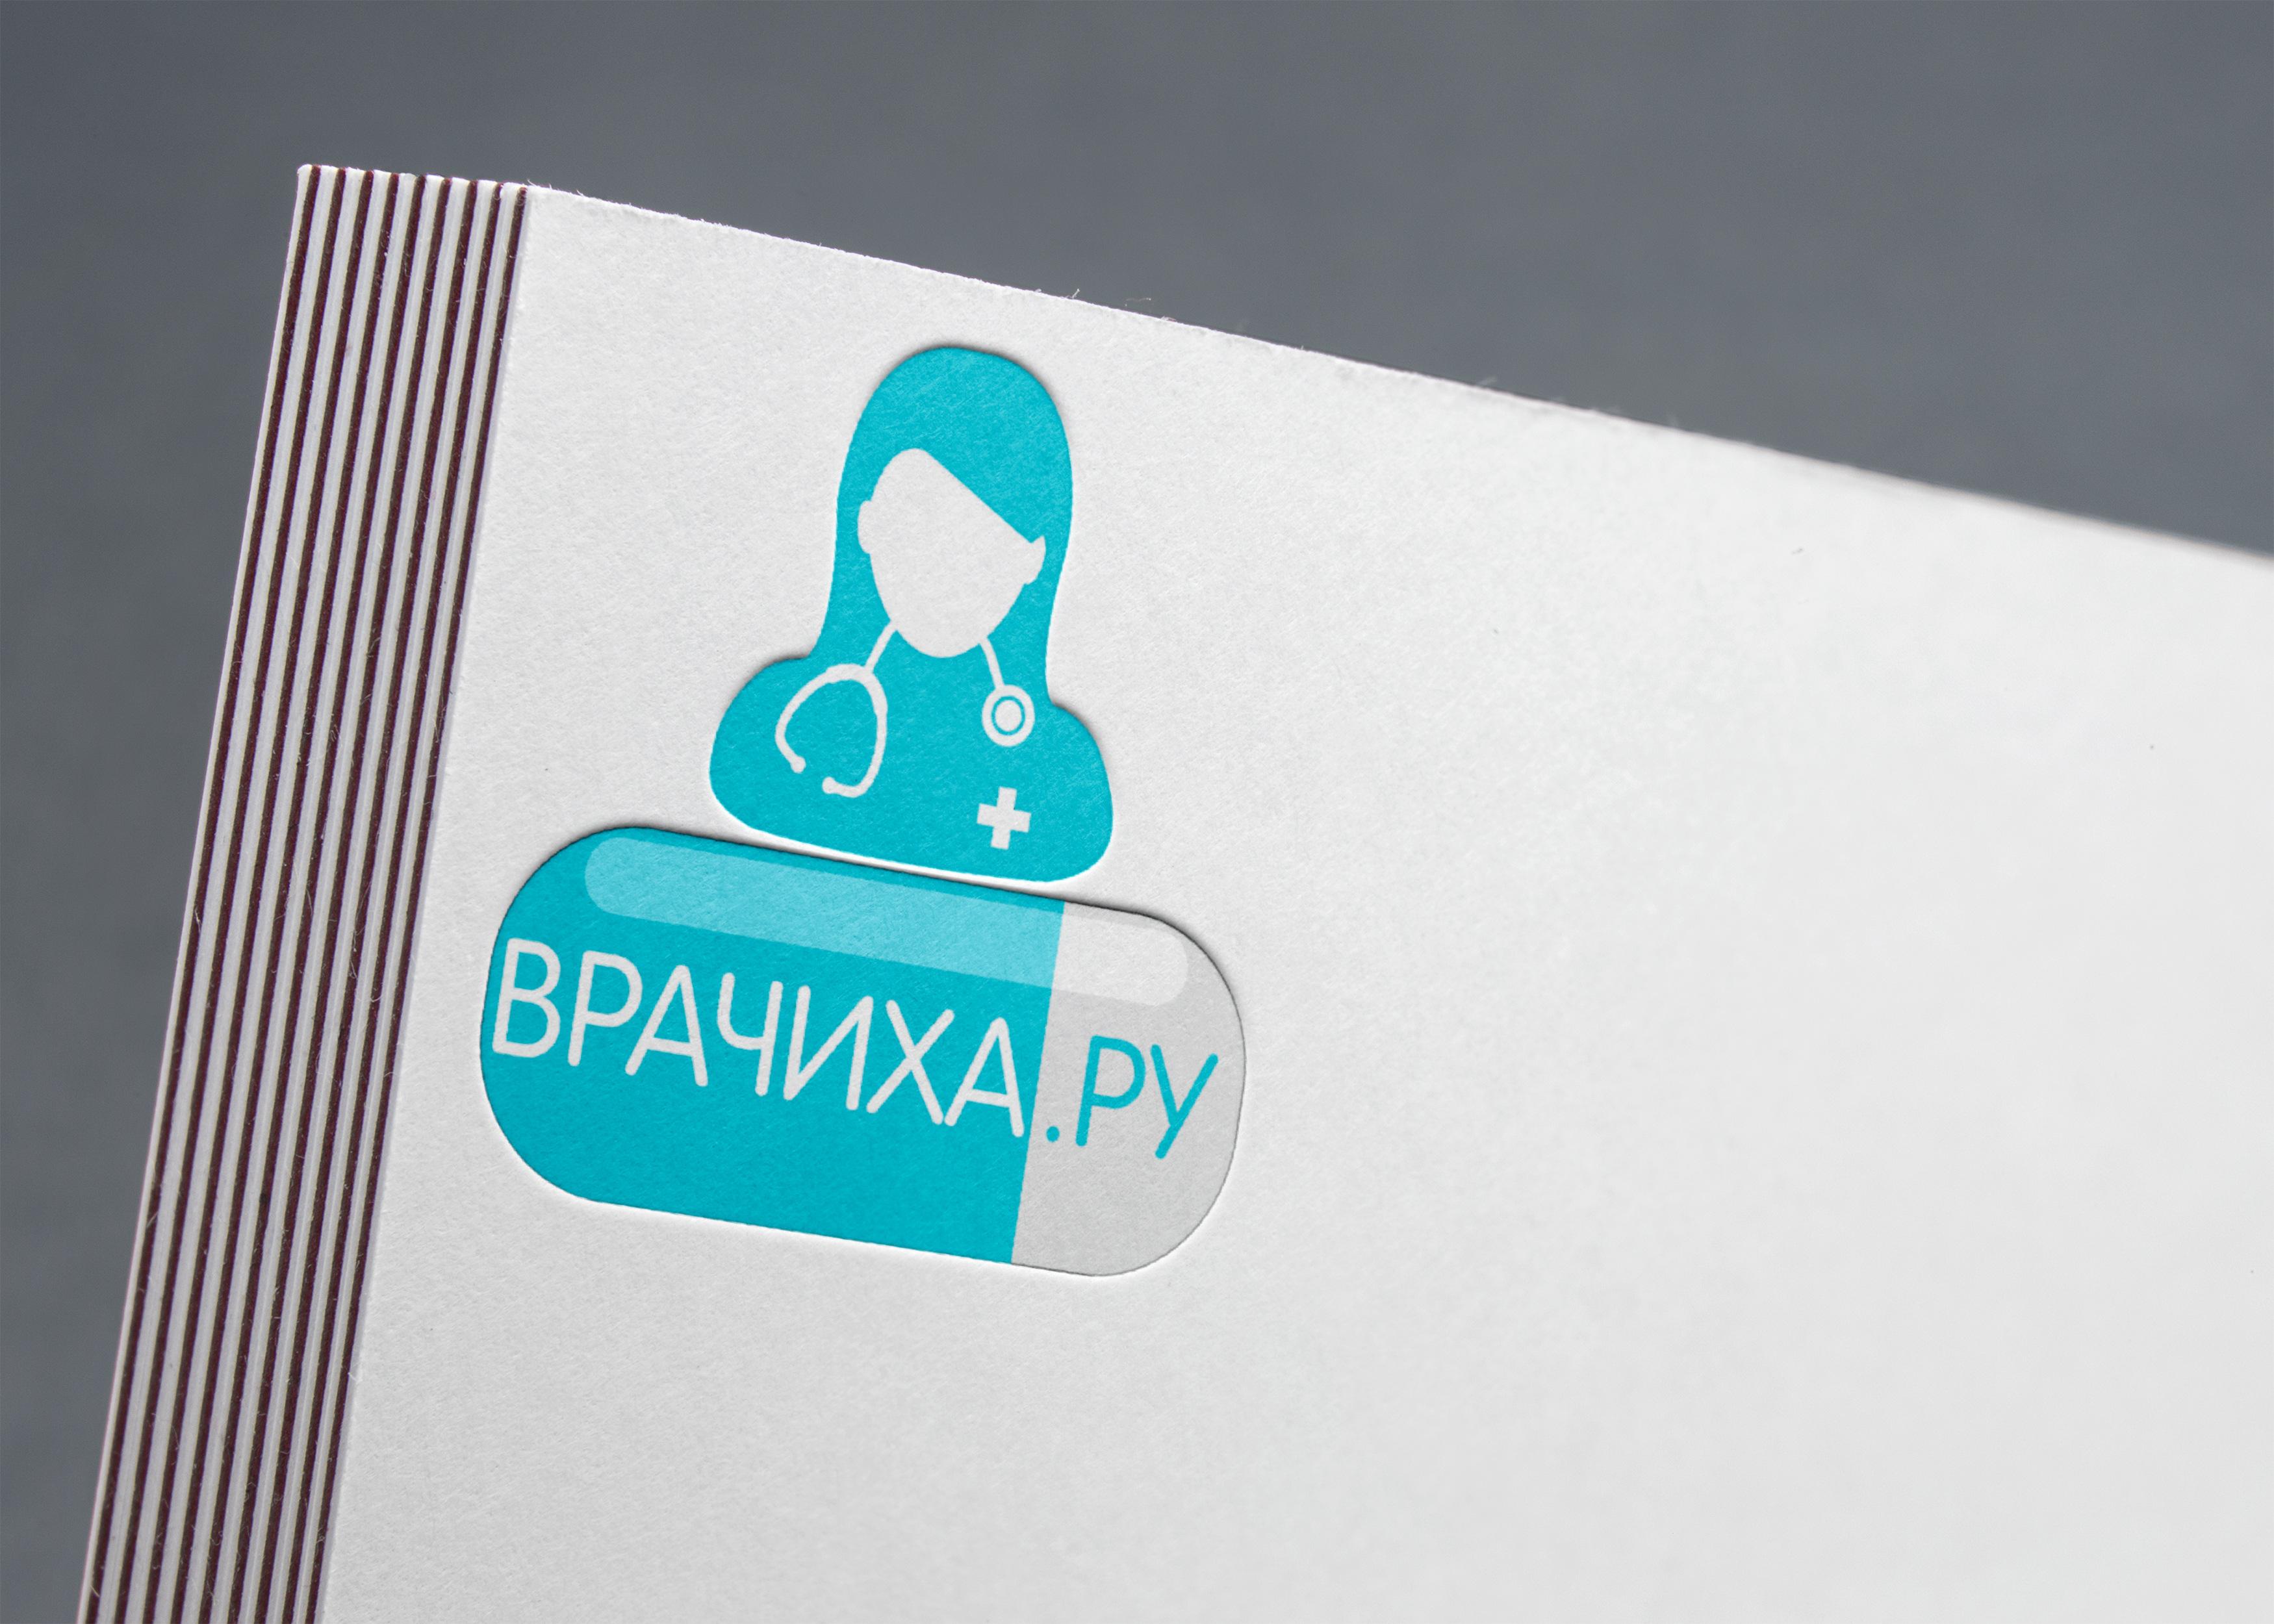 Необходимо разработать логотип для медицинского портала фото f_7735c03d37804ea6.jpg